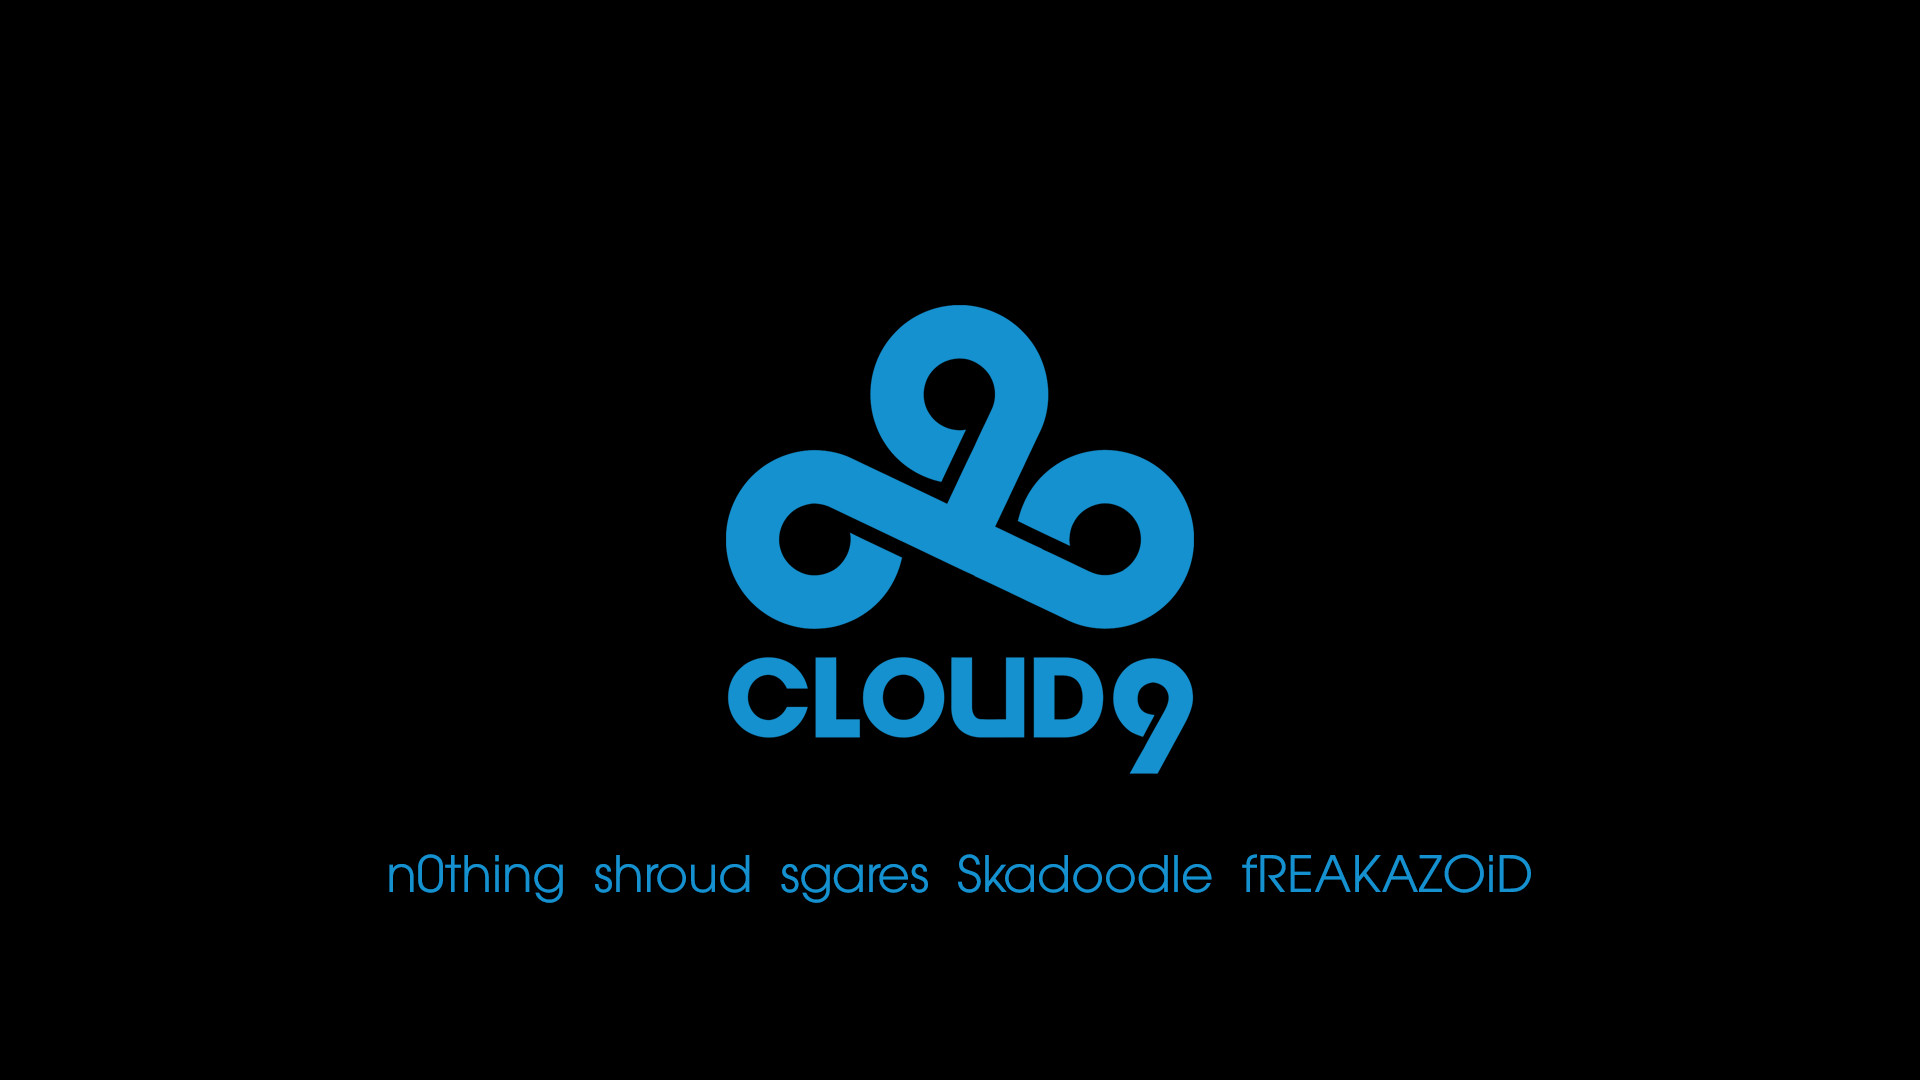 Cloud9 black/blue